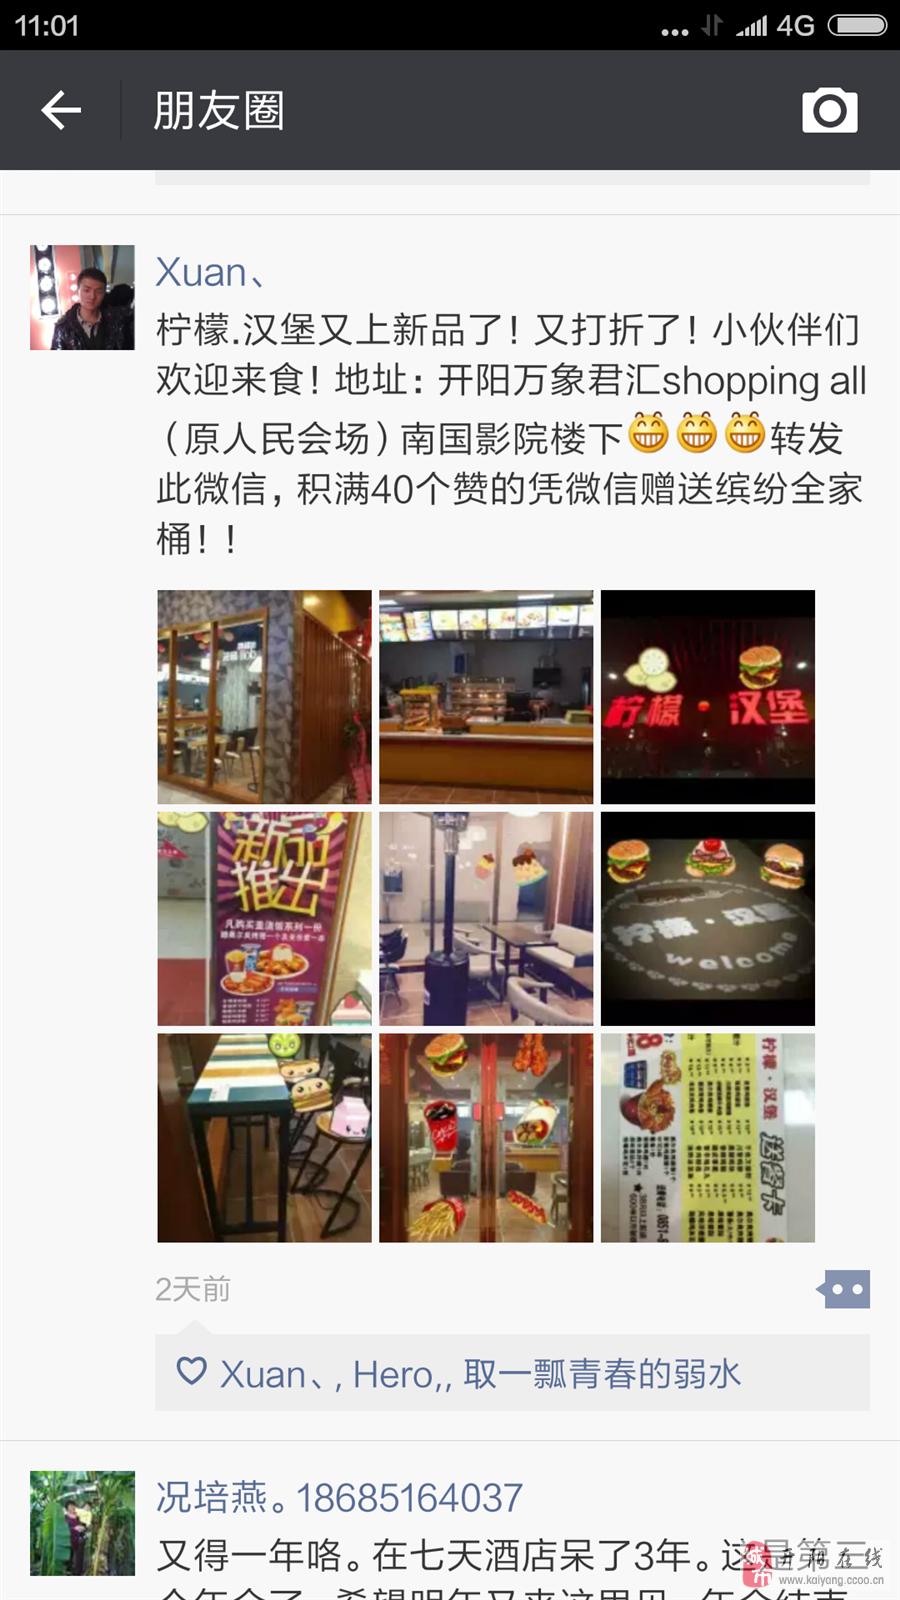 微信点赞赠送食品商家欺骗了万能的朋友圈